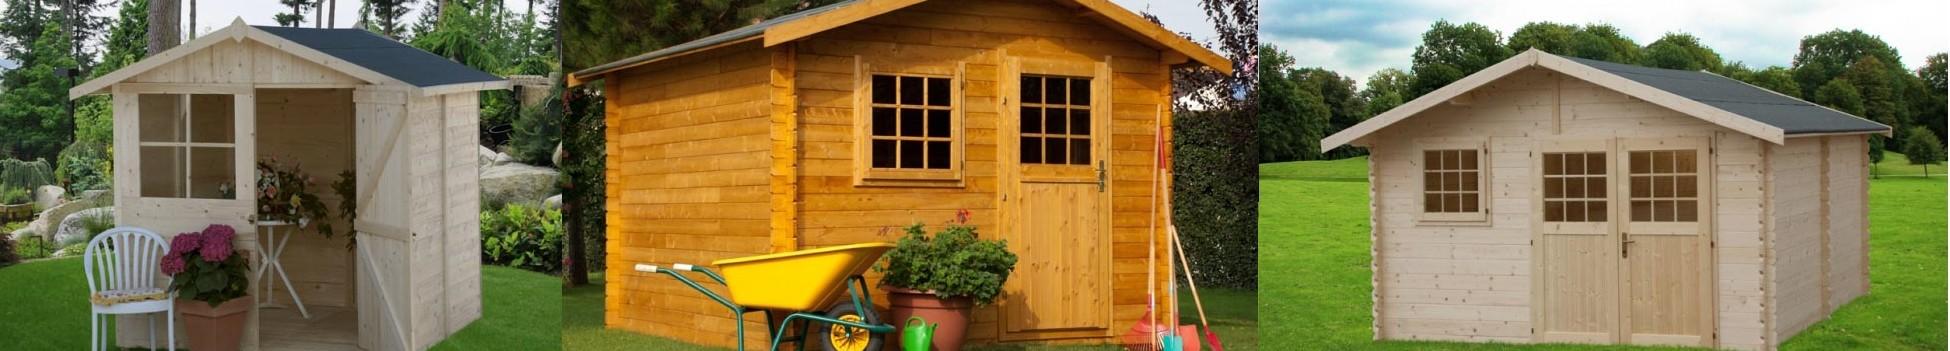 Casette in legno - OM legno